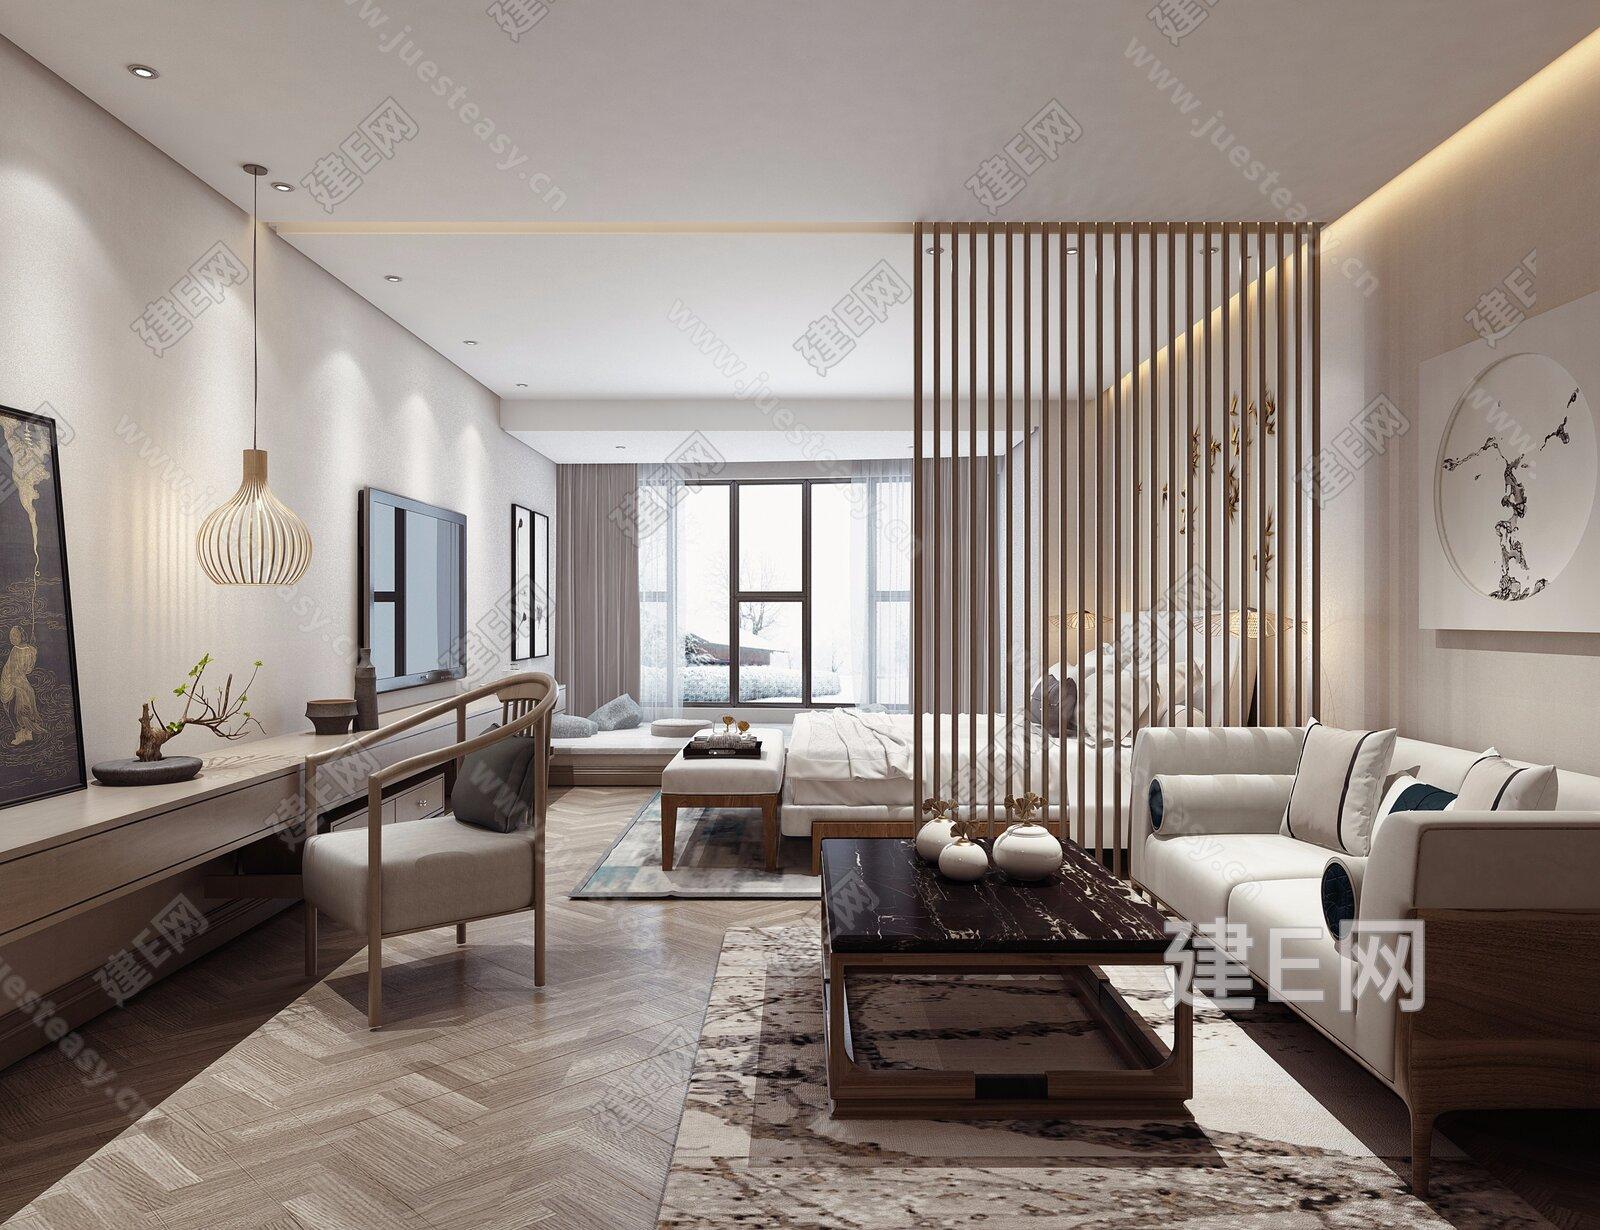 新中式酒店客房3d模型